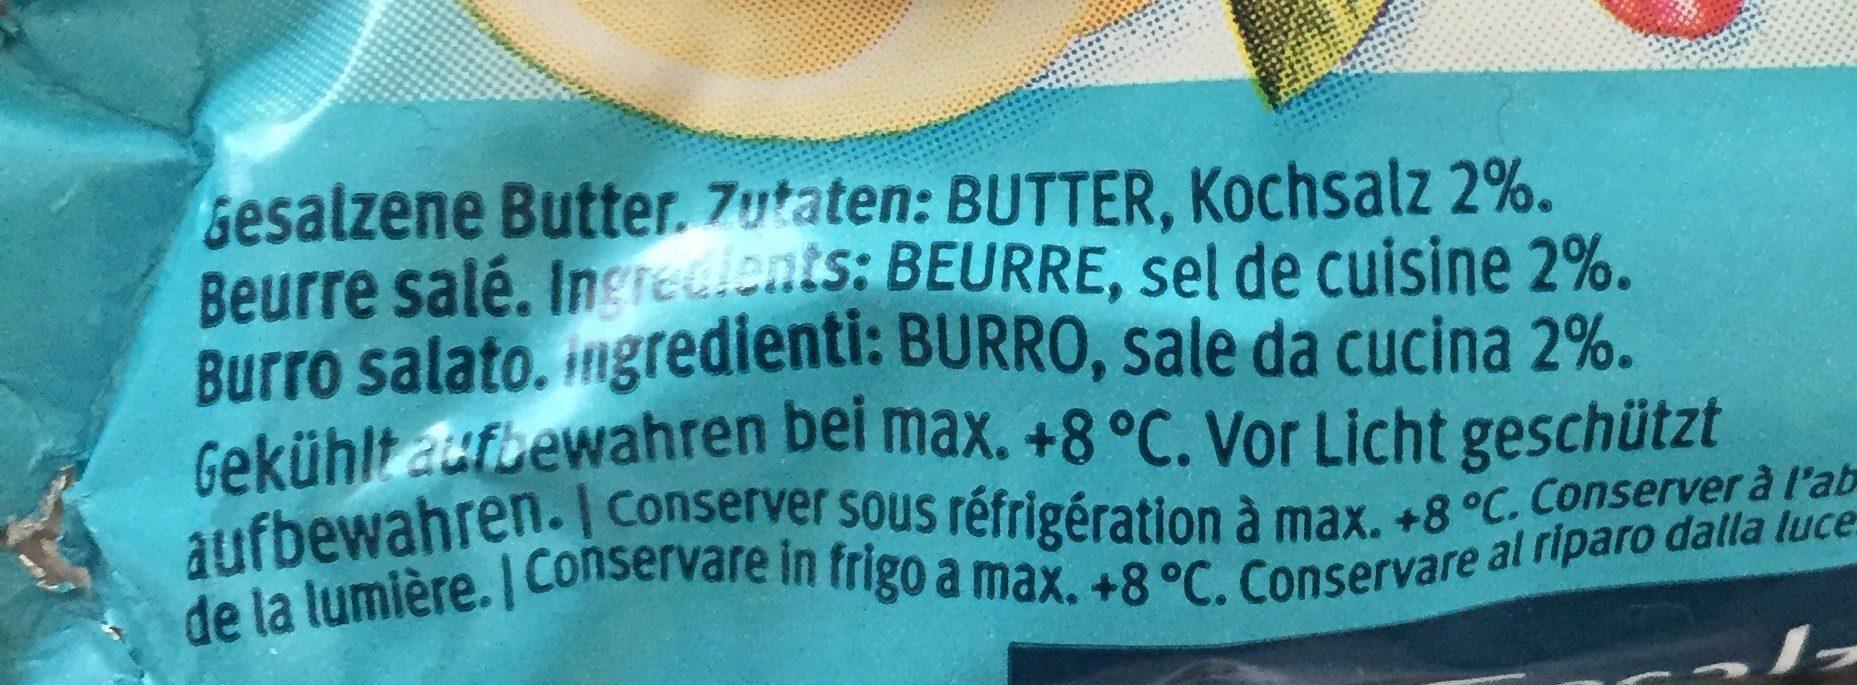 Beurre Salé - Ingrediënten